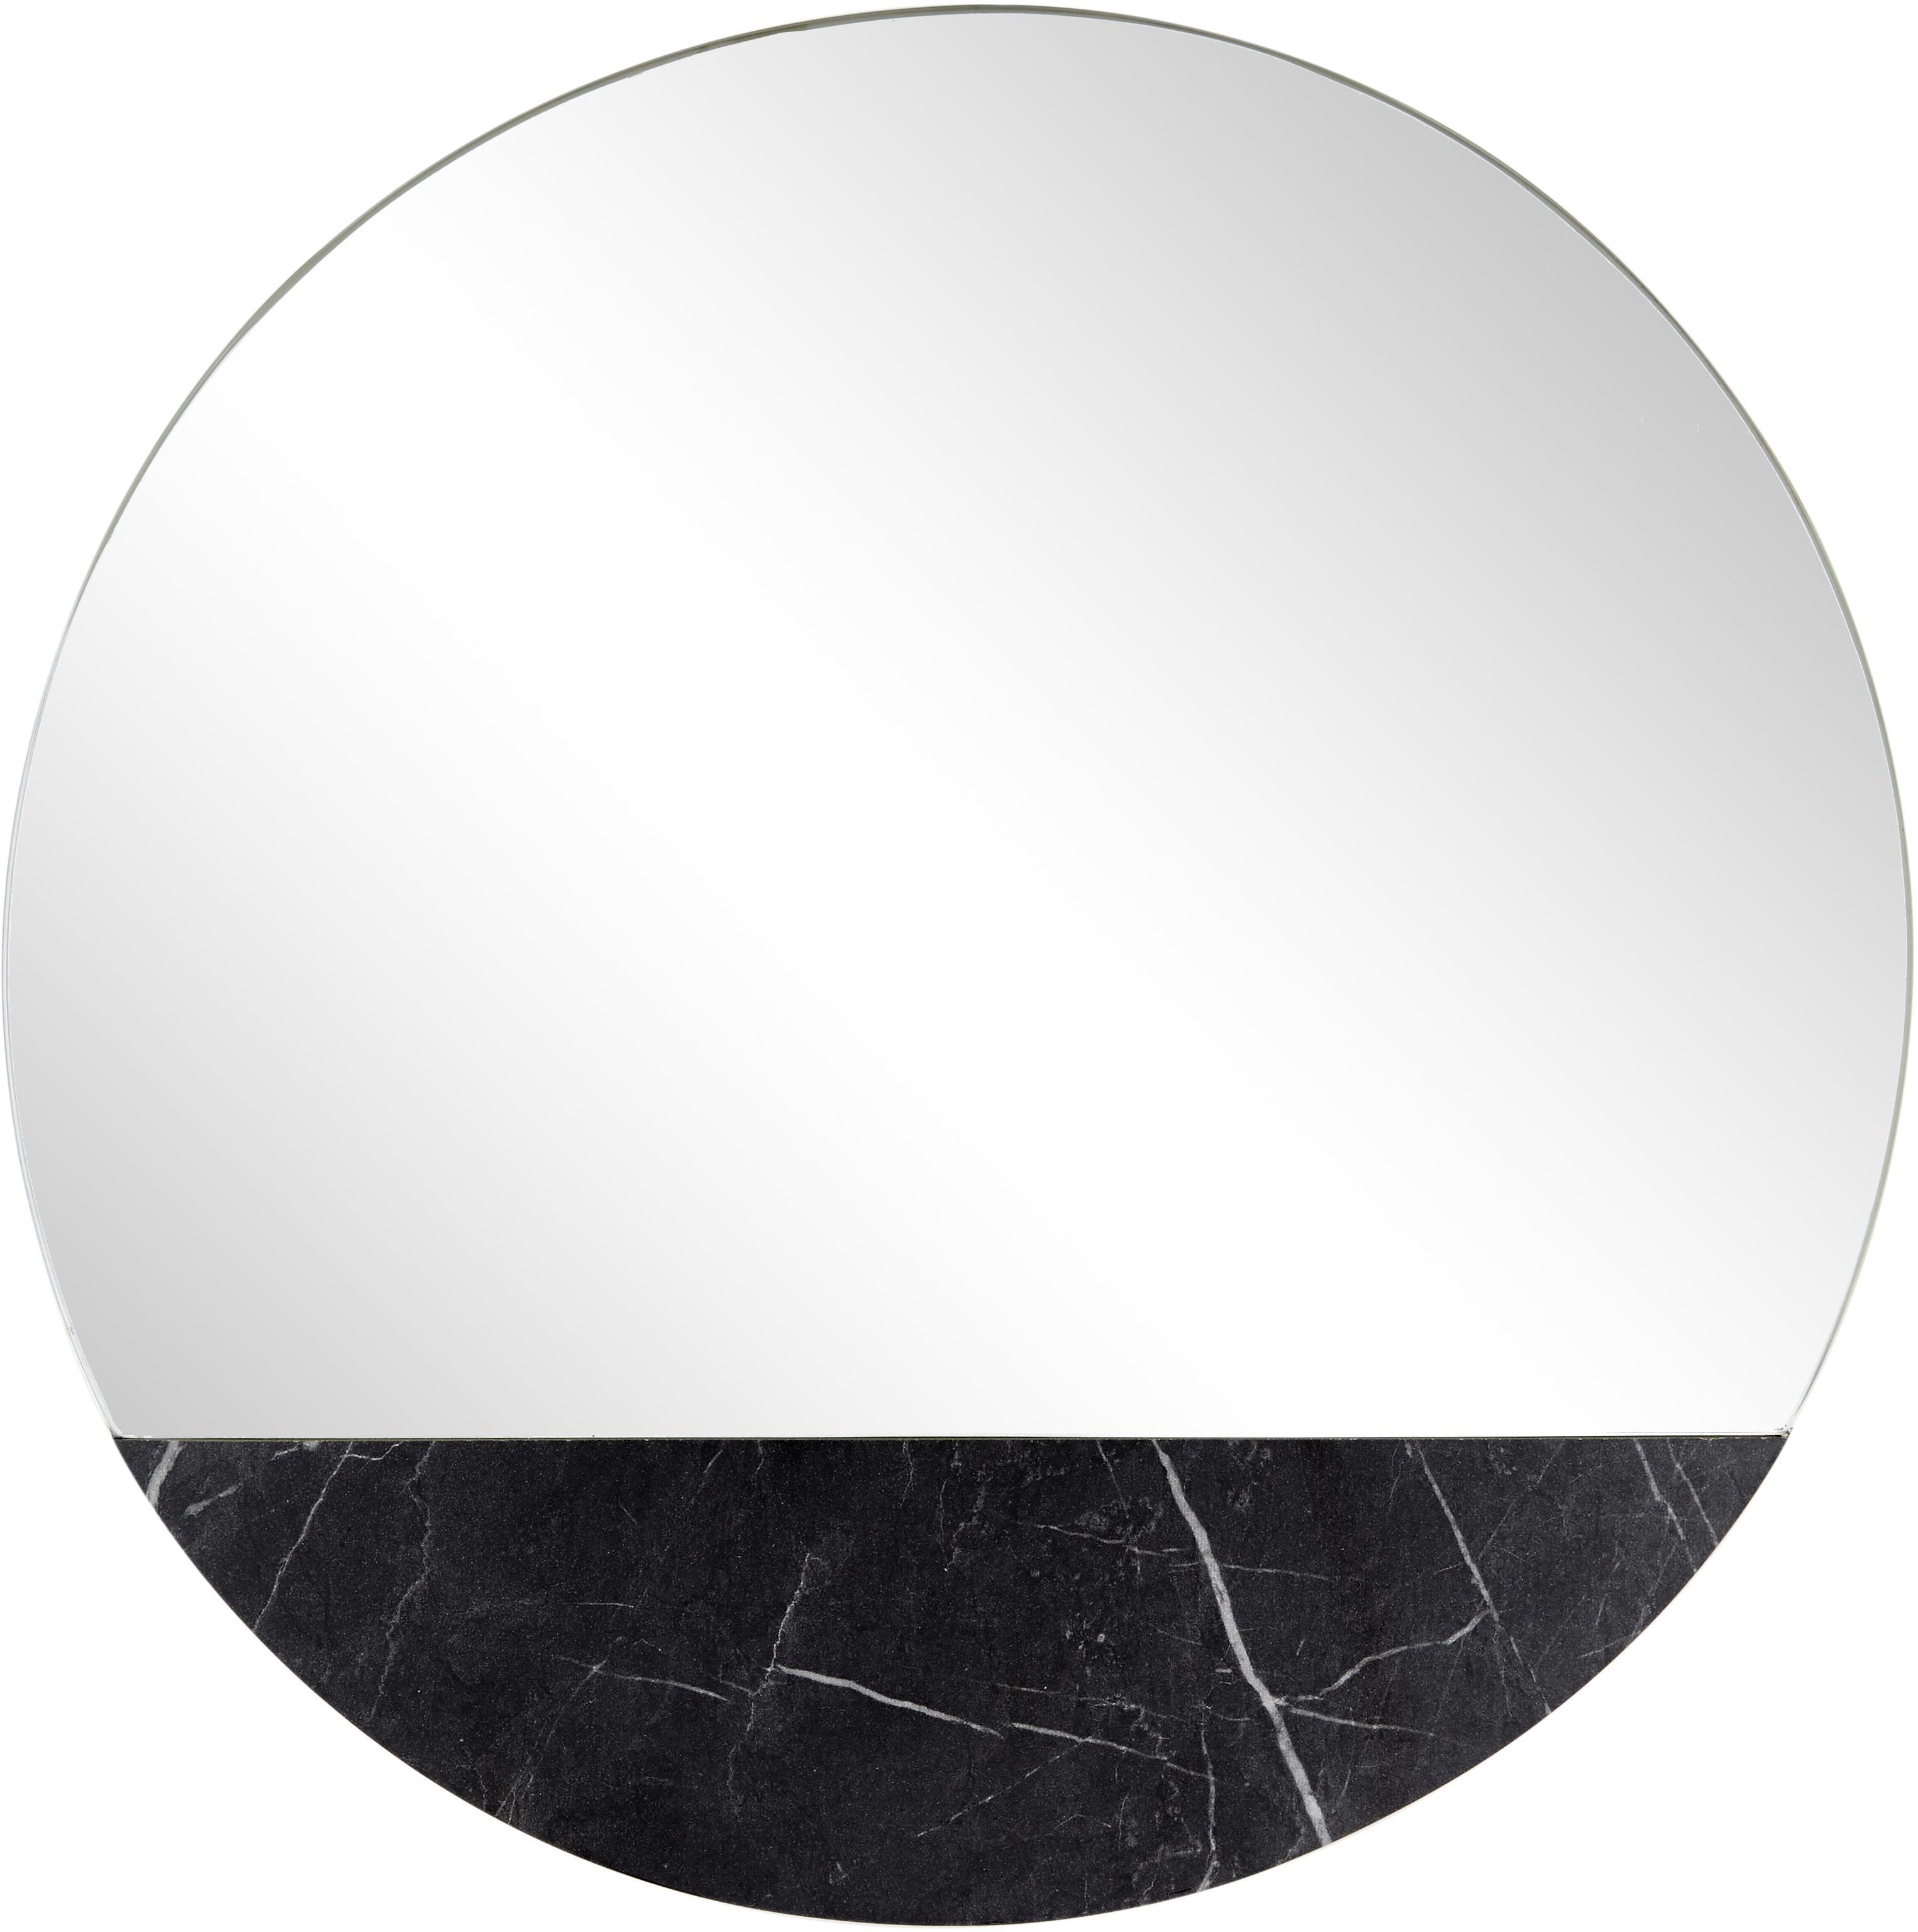 Specchio da parete effetto marmo Stockholm, Cornice: melamina, Superficie dello specchio: lastra di vetro, Retro: pannello di fibra a media, Nero marmorizzato, Ø 40 cm